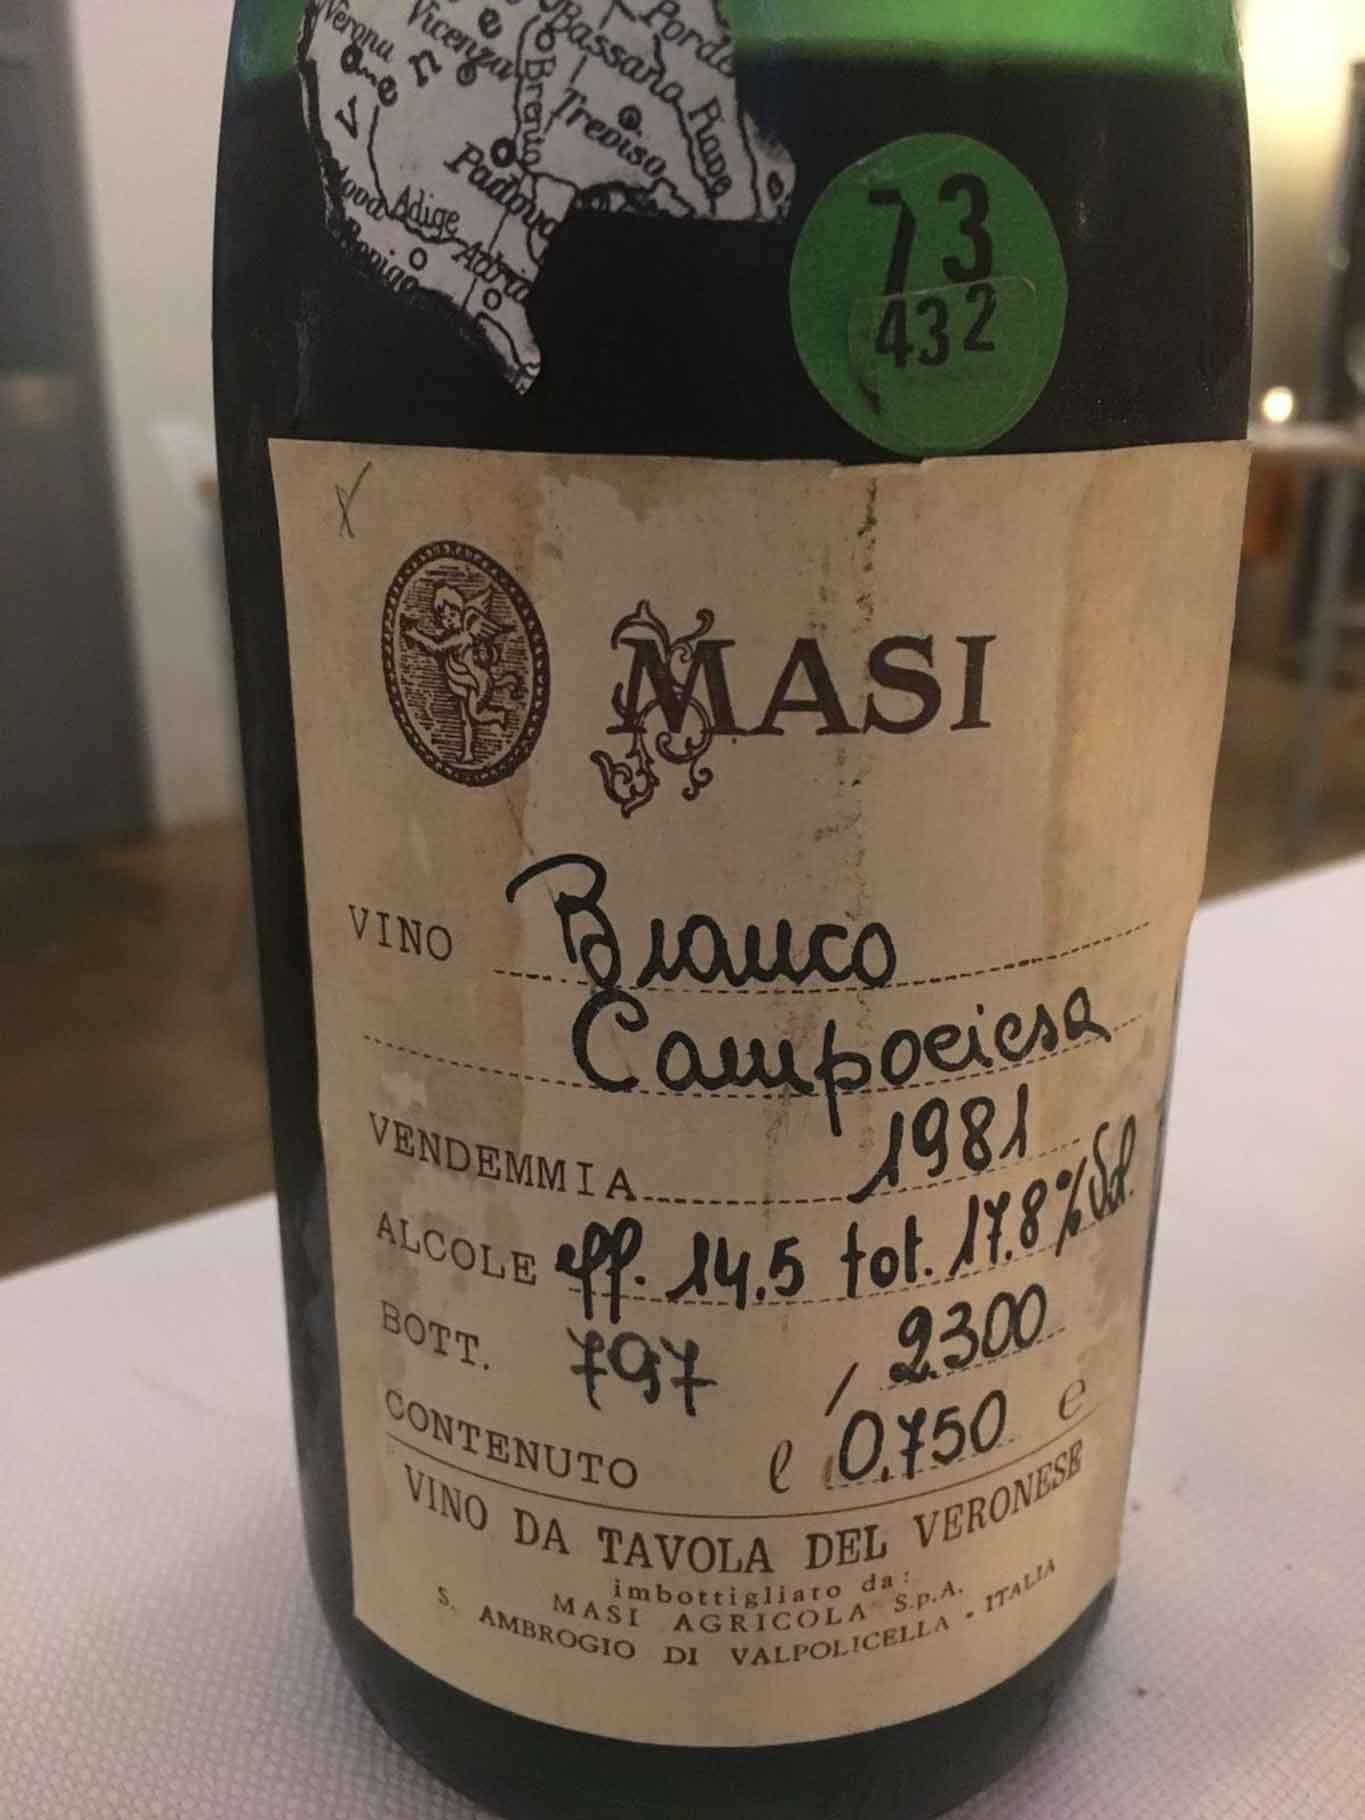 blend4-vino-masipassito